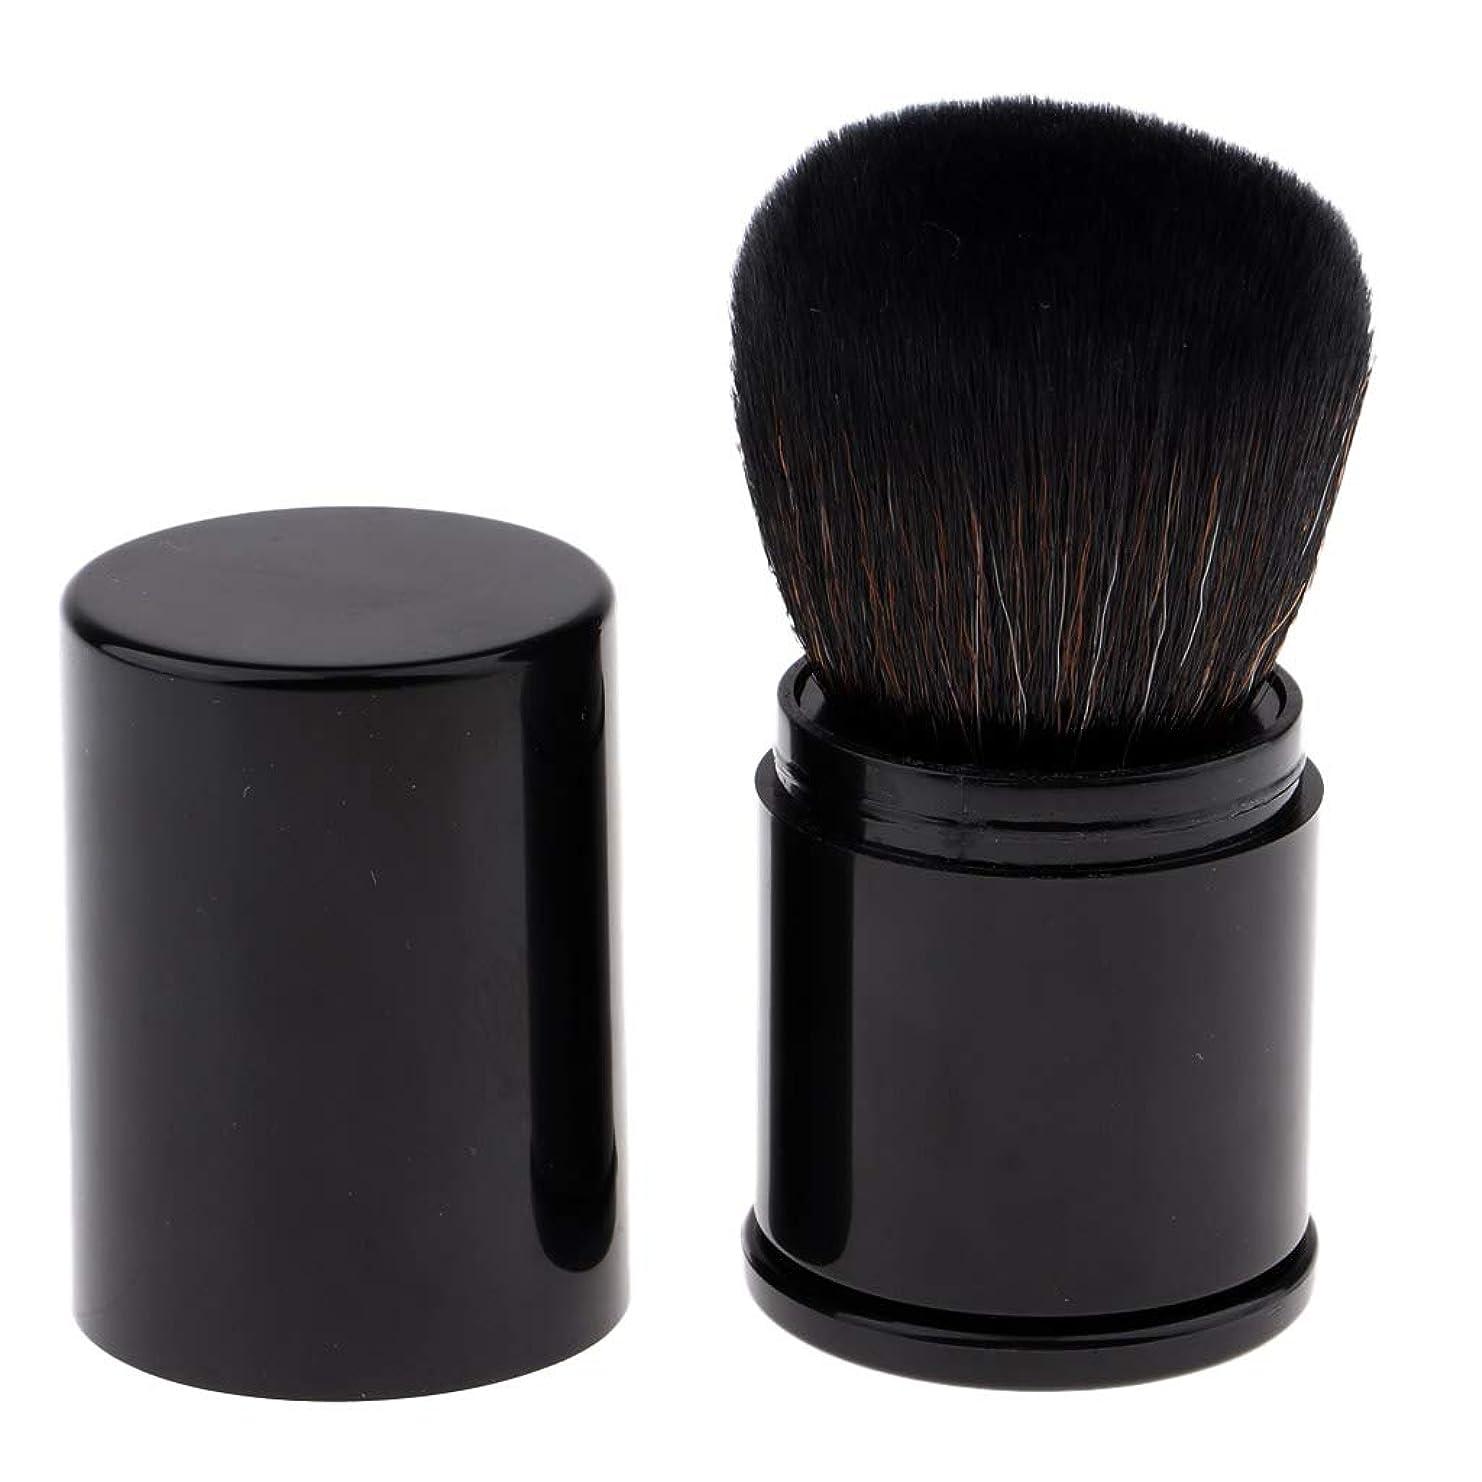 ブラシバンパイプラインCUTICATE 化粧筆 メイクブラシ ファンデーションブラシ ルースパウダー BBクリーム用 旅行用品 全2色 - 黒